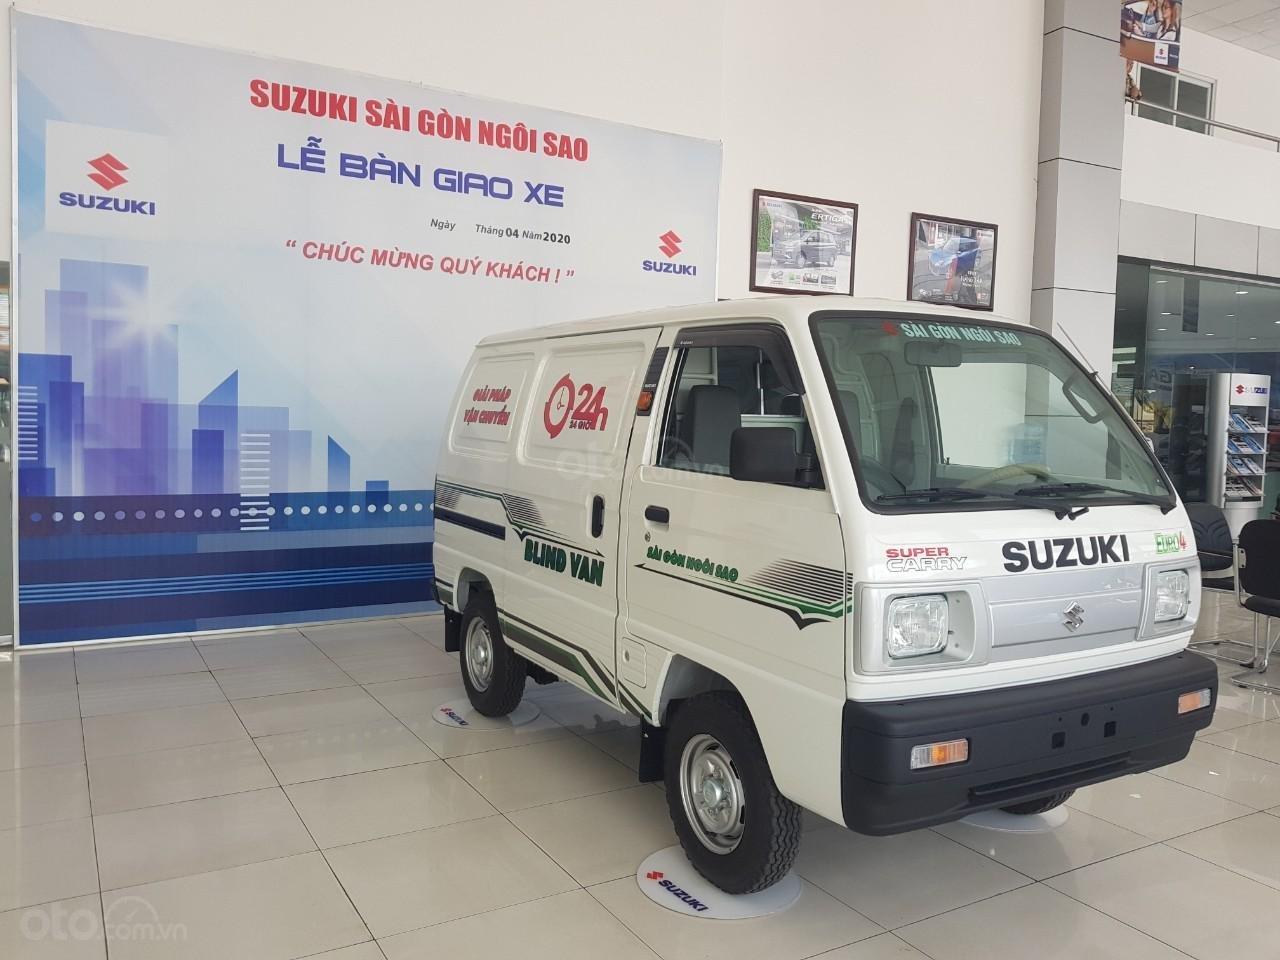 Cần bán xe Suzuki Blind Van sản xuất năm 2020 lưu thông giờ cao điểm. Khuyến mãi lớn 10Tr tiền mặt (1)